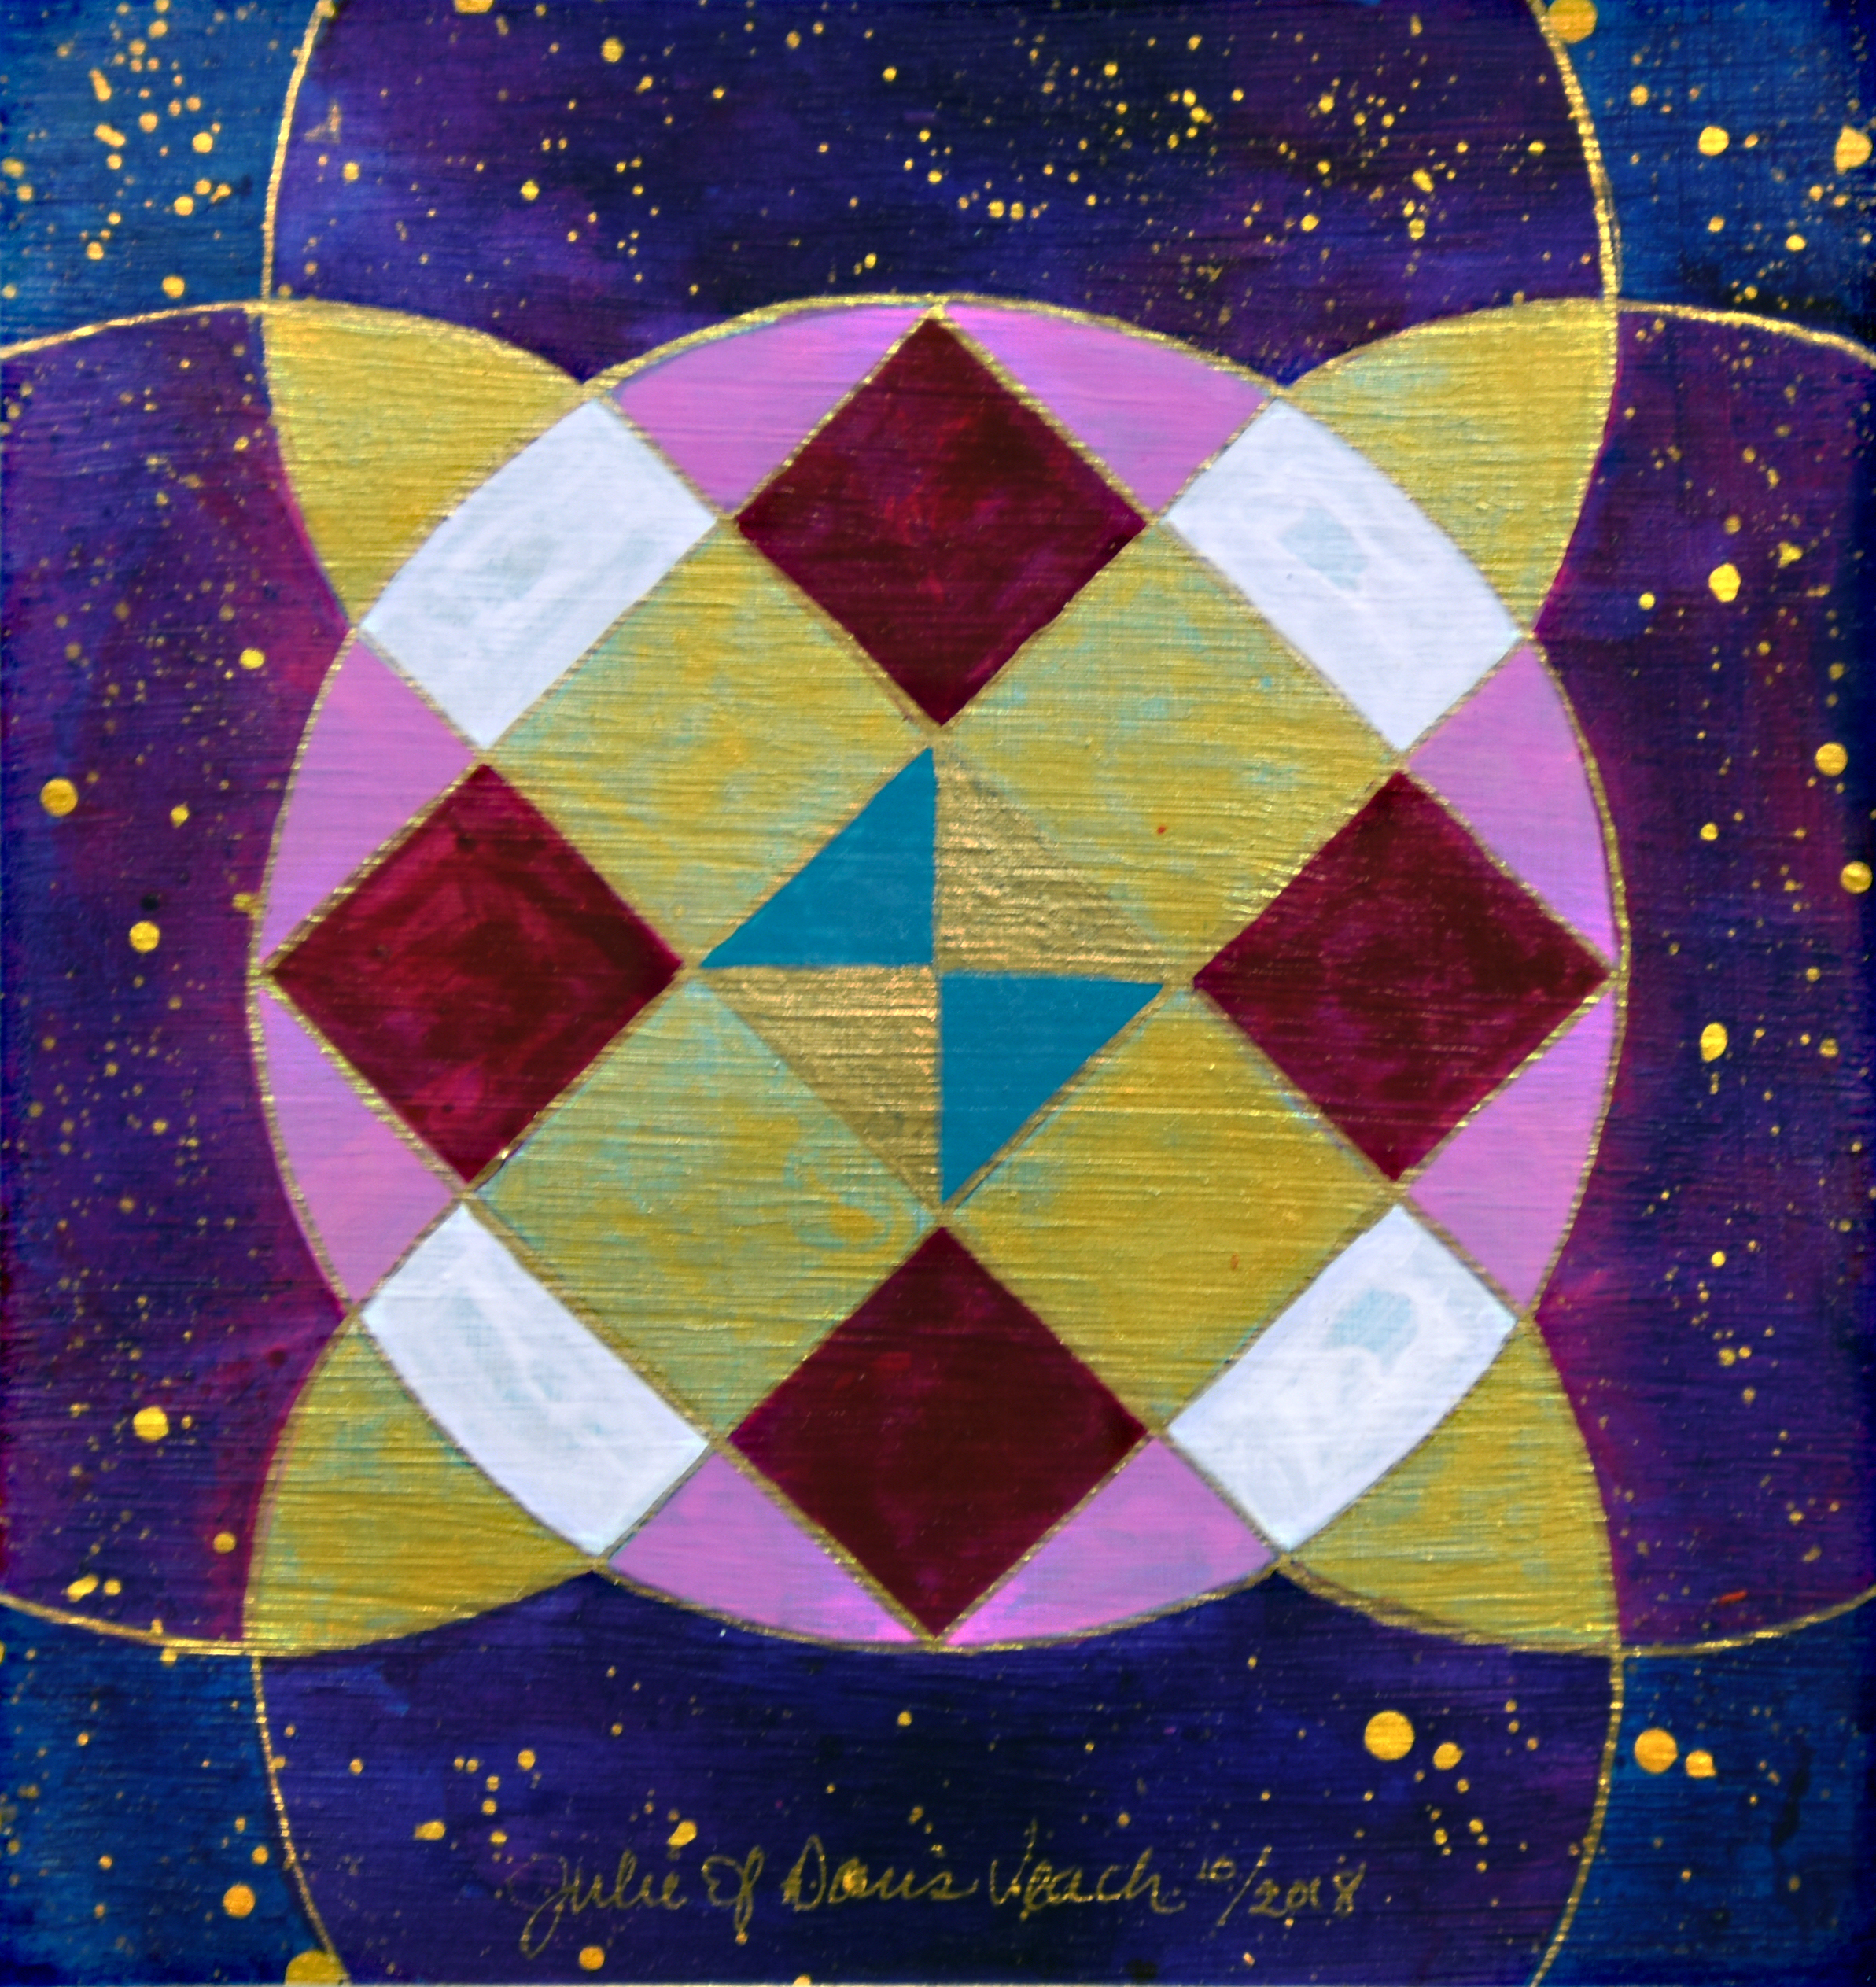 Julie Davis Veach  Beyond Balance 2018 Acrylic 6.5x6.5in.  NFS